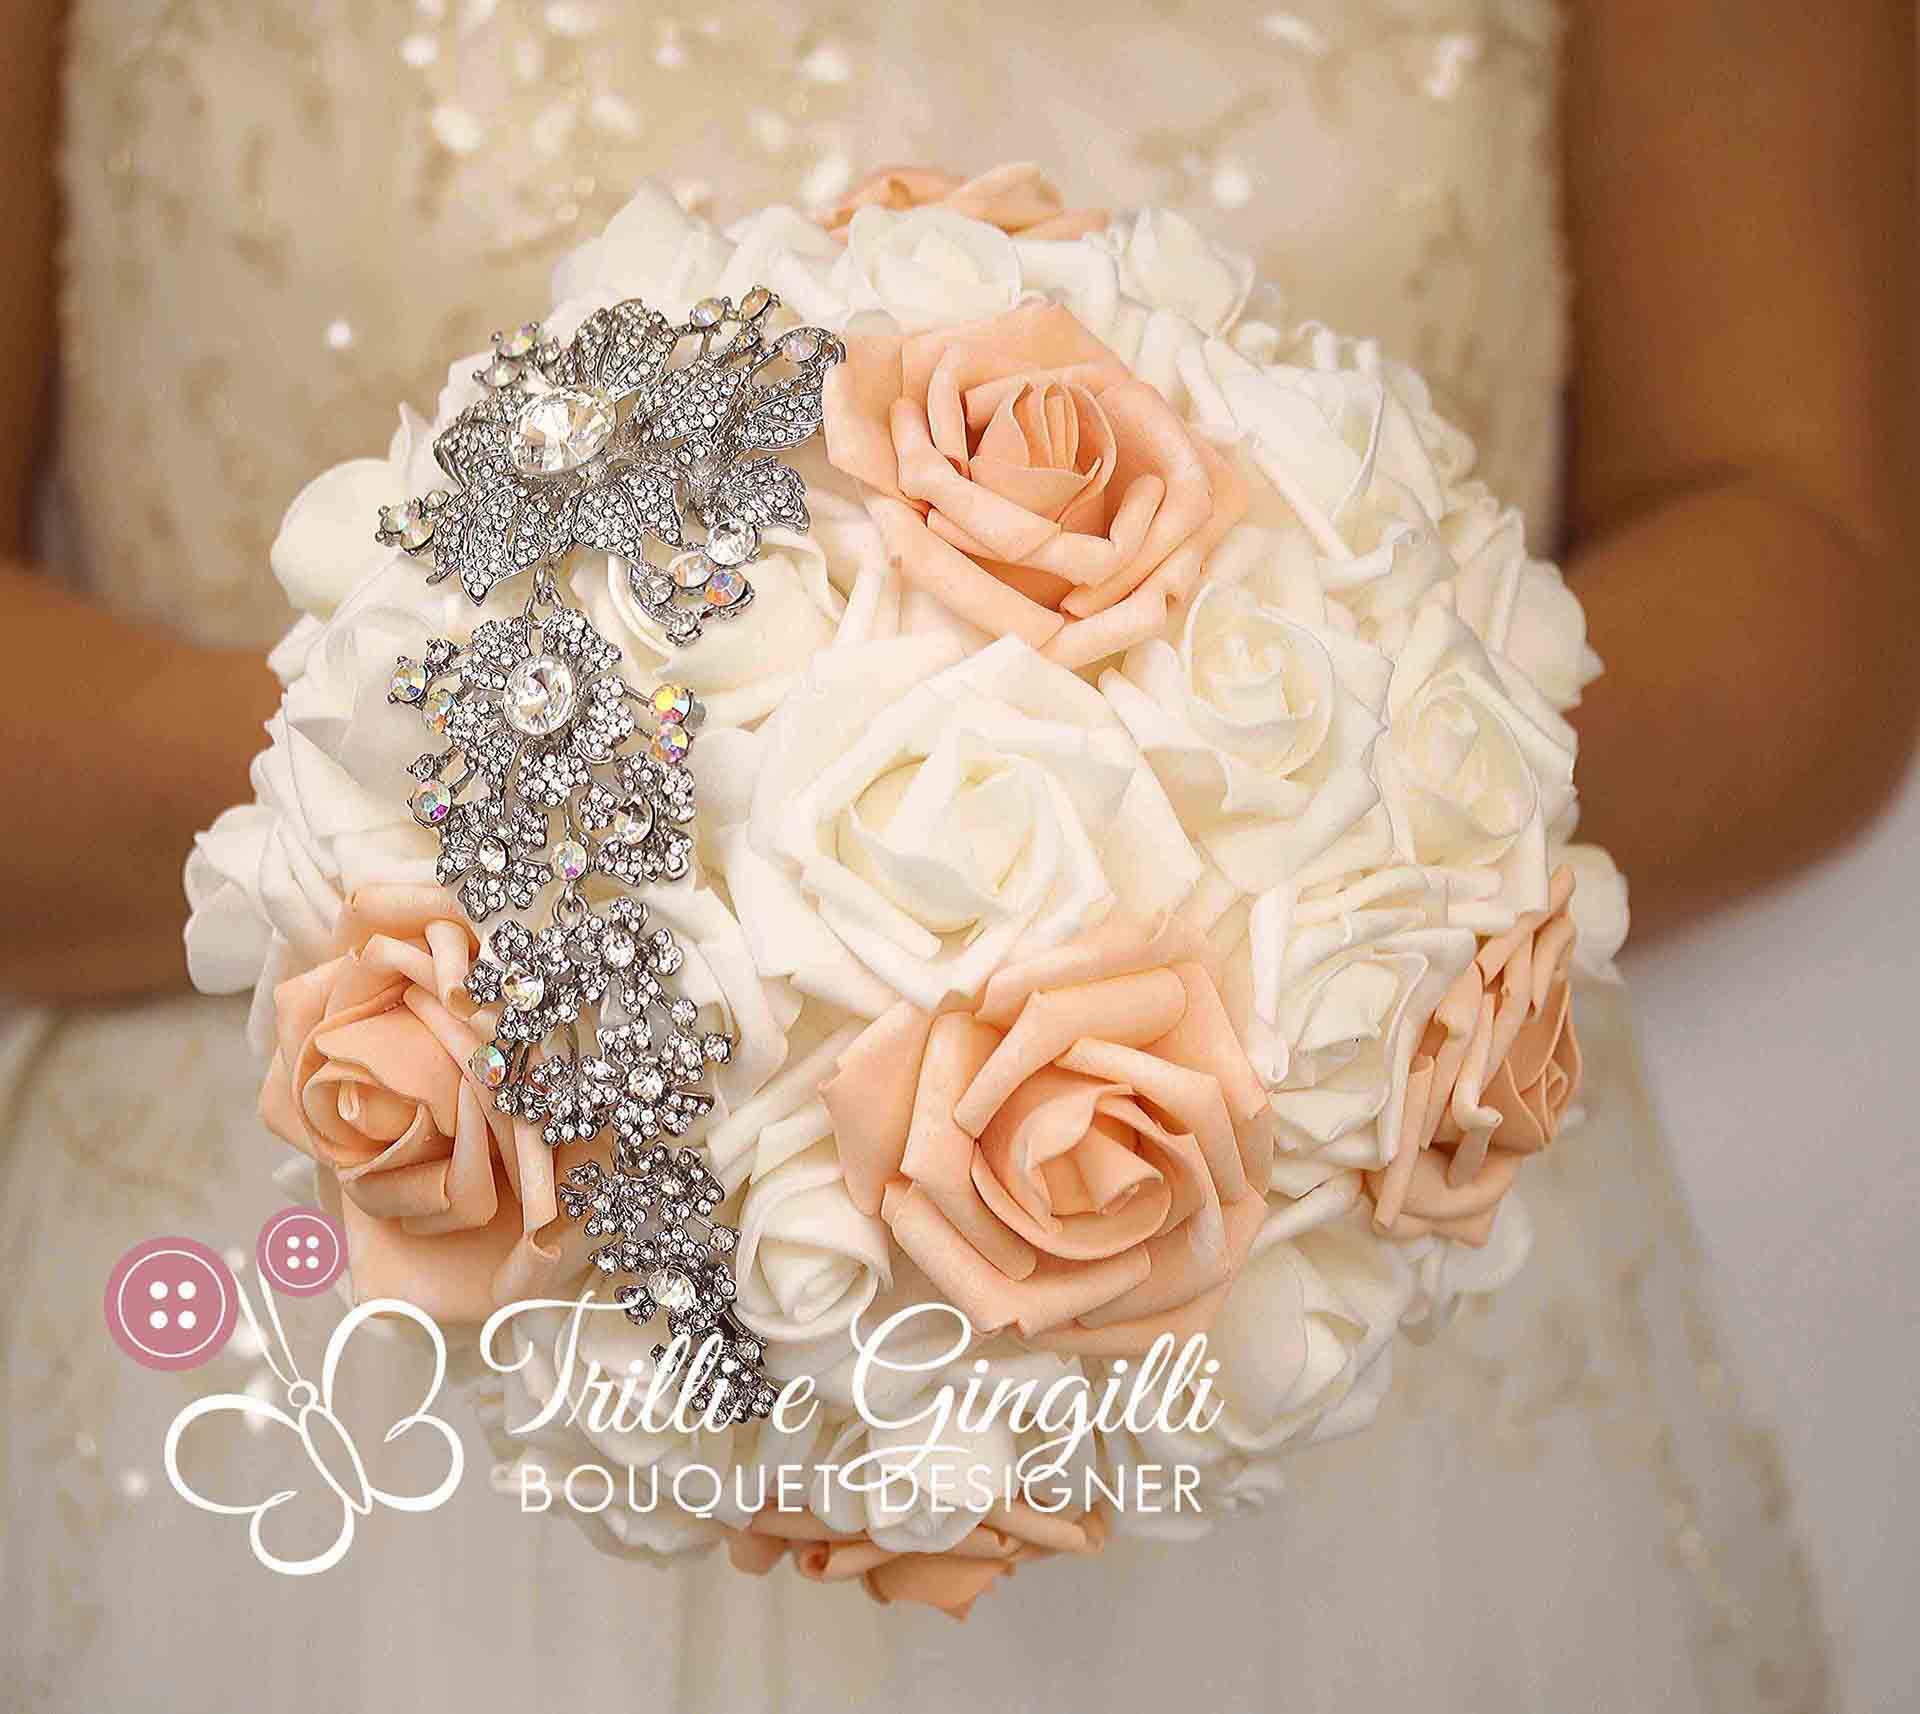 Bouquet Sposa Color Pesca.Bouquet Di Rose Pesca Con Mezzaluna Gioiello Trilli E Gingilli